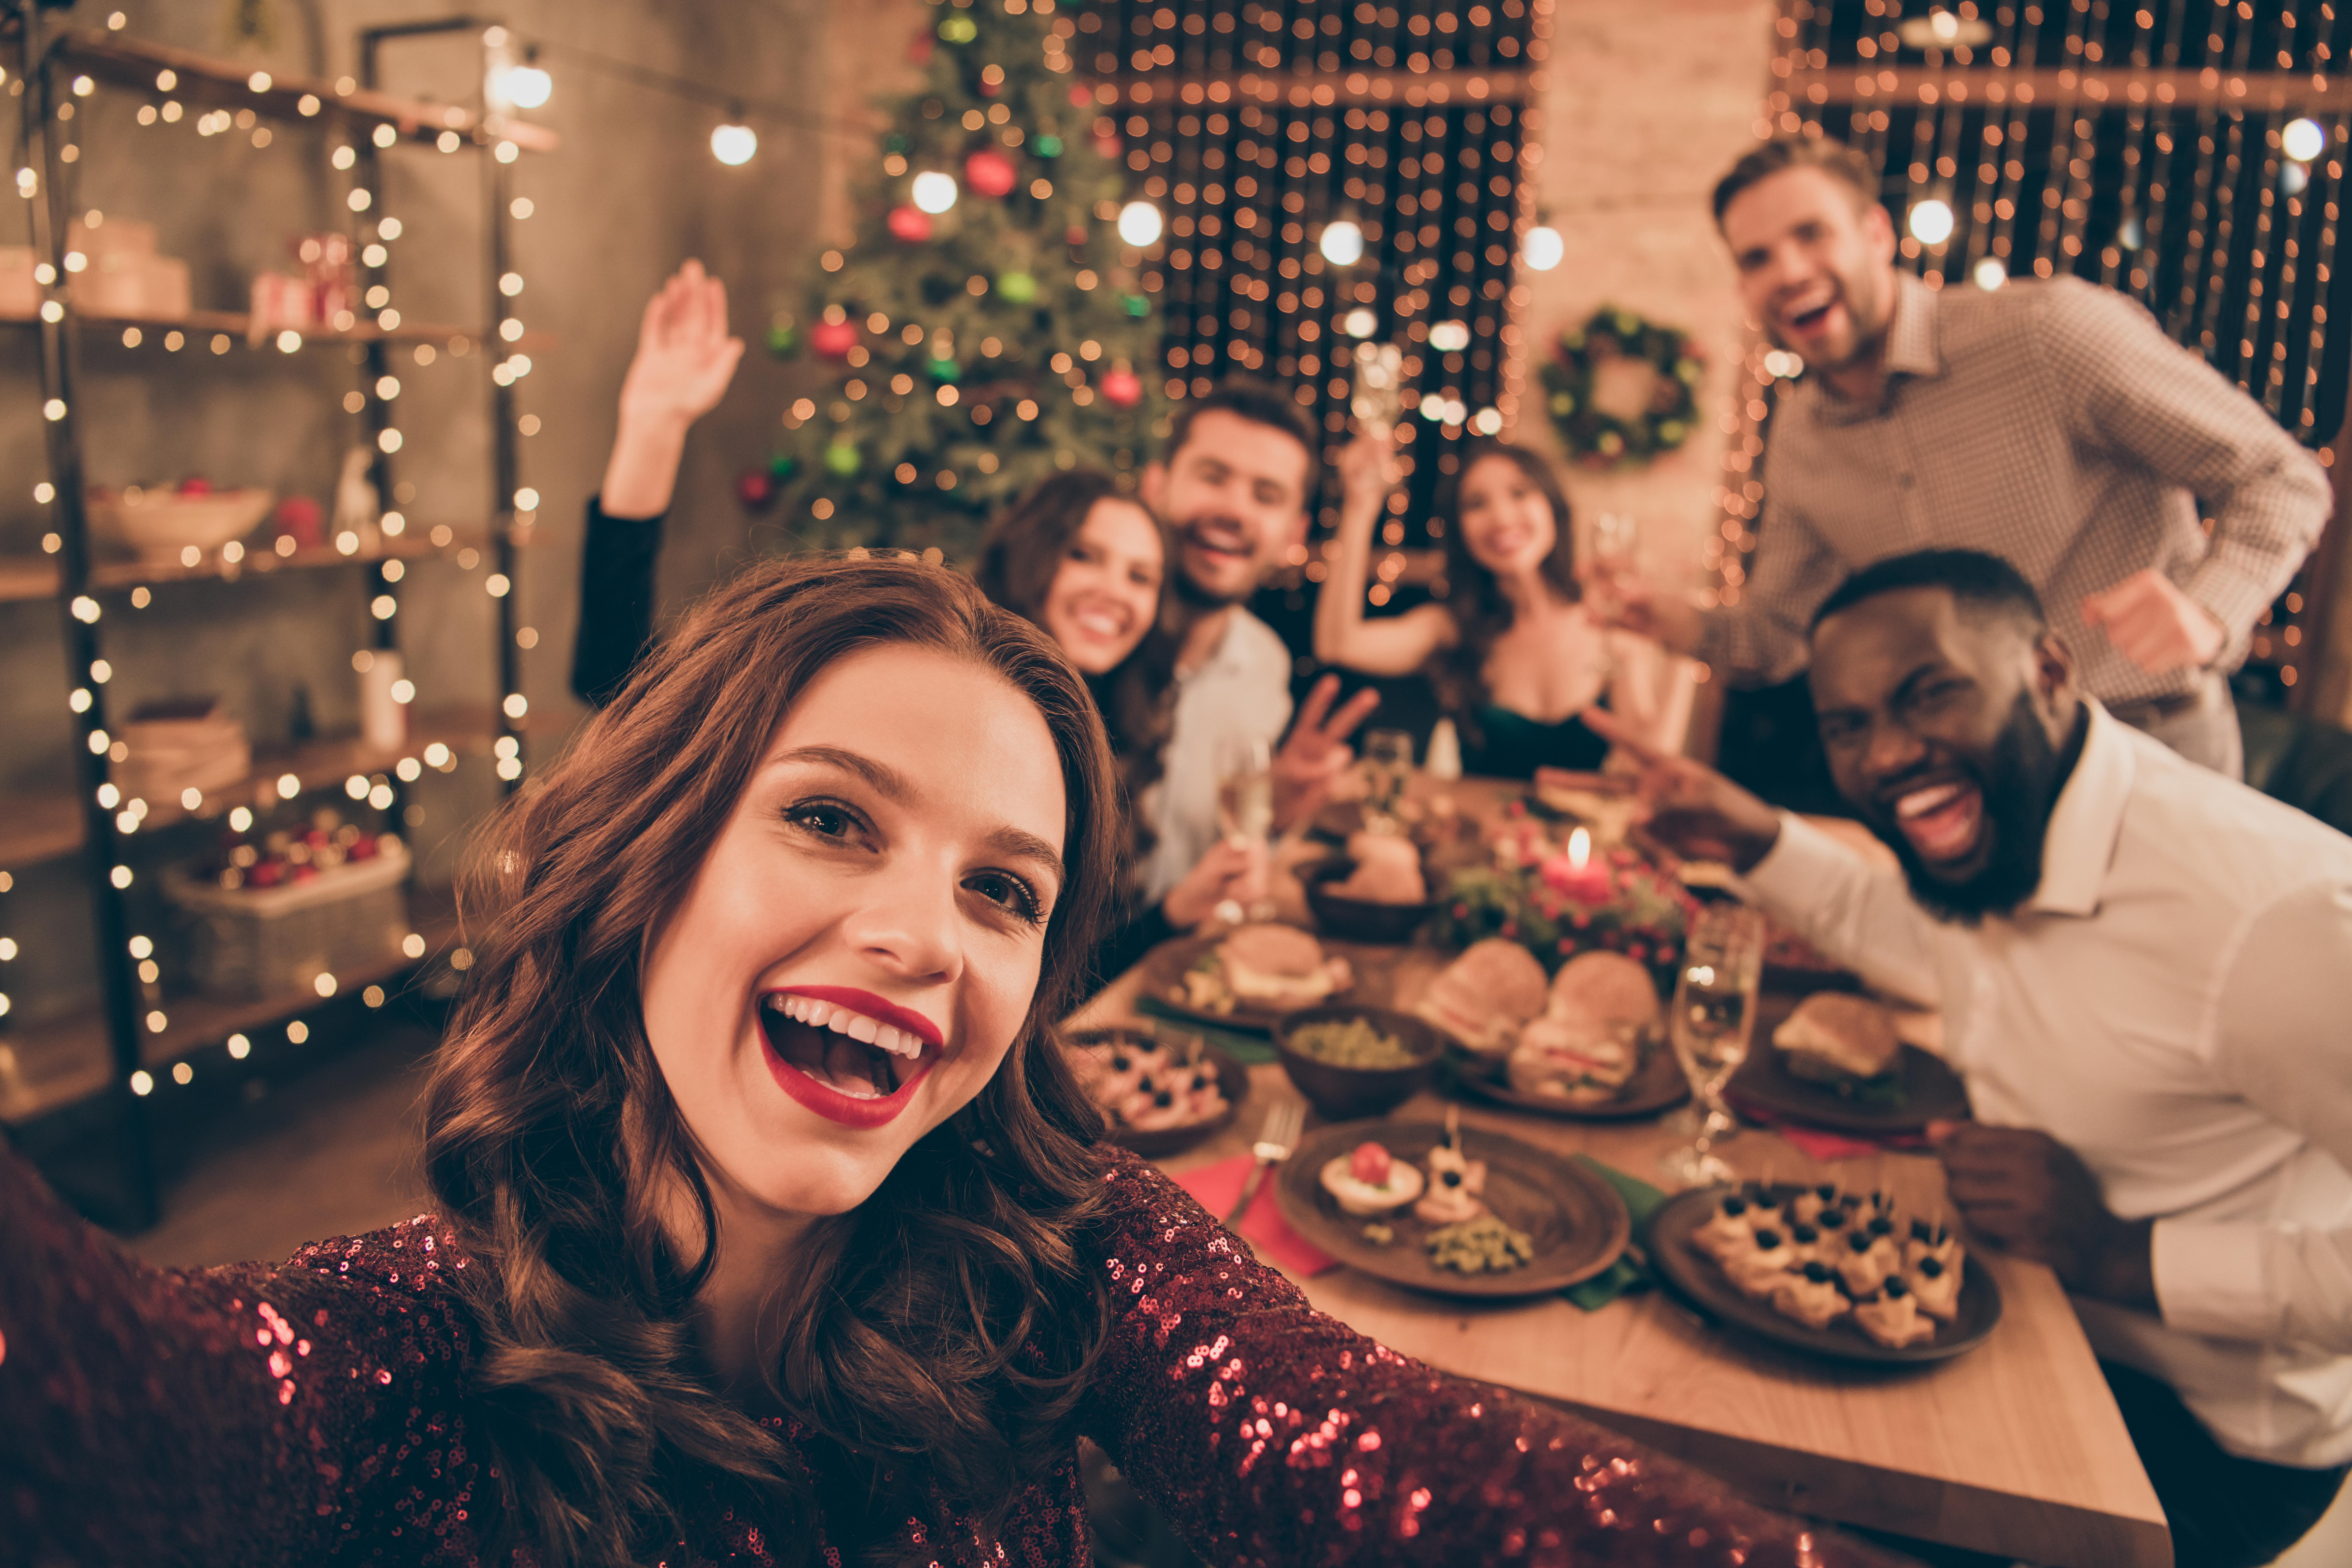 <p>За да не напълнявате по празниците и да хапнете вкусно, можете да замените традиционните новогодишни лакомства с по-полезни аналози. Ето няколко прости съвета от диетолога Елена Соломатина.</p>